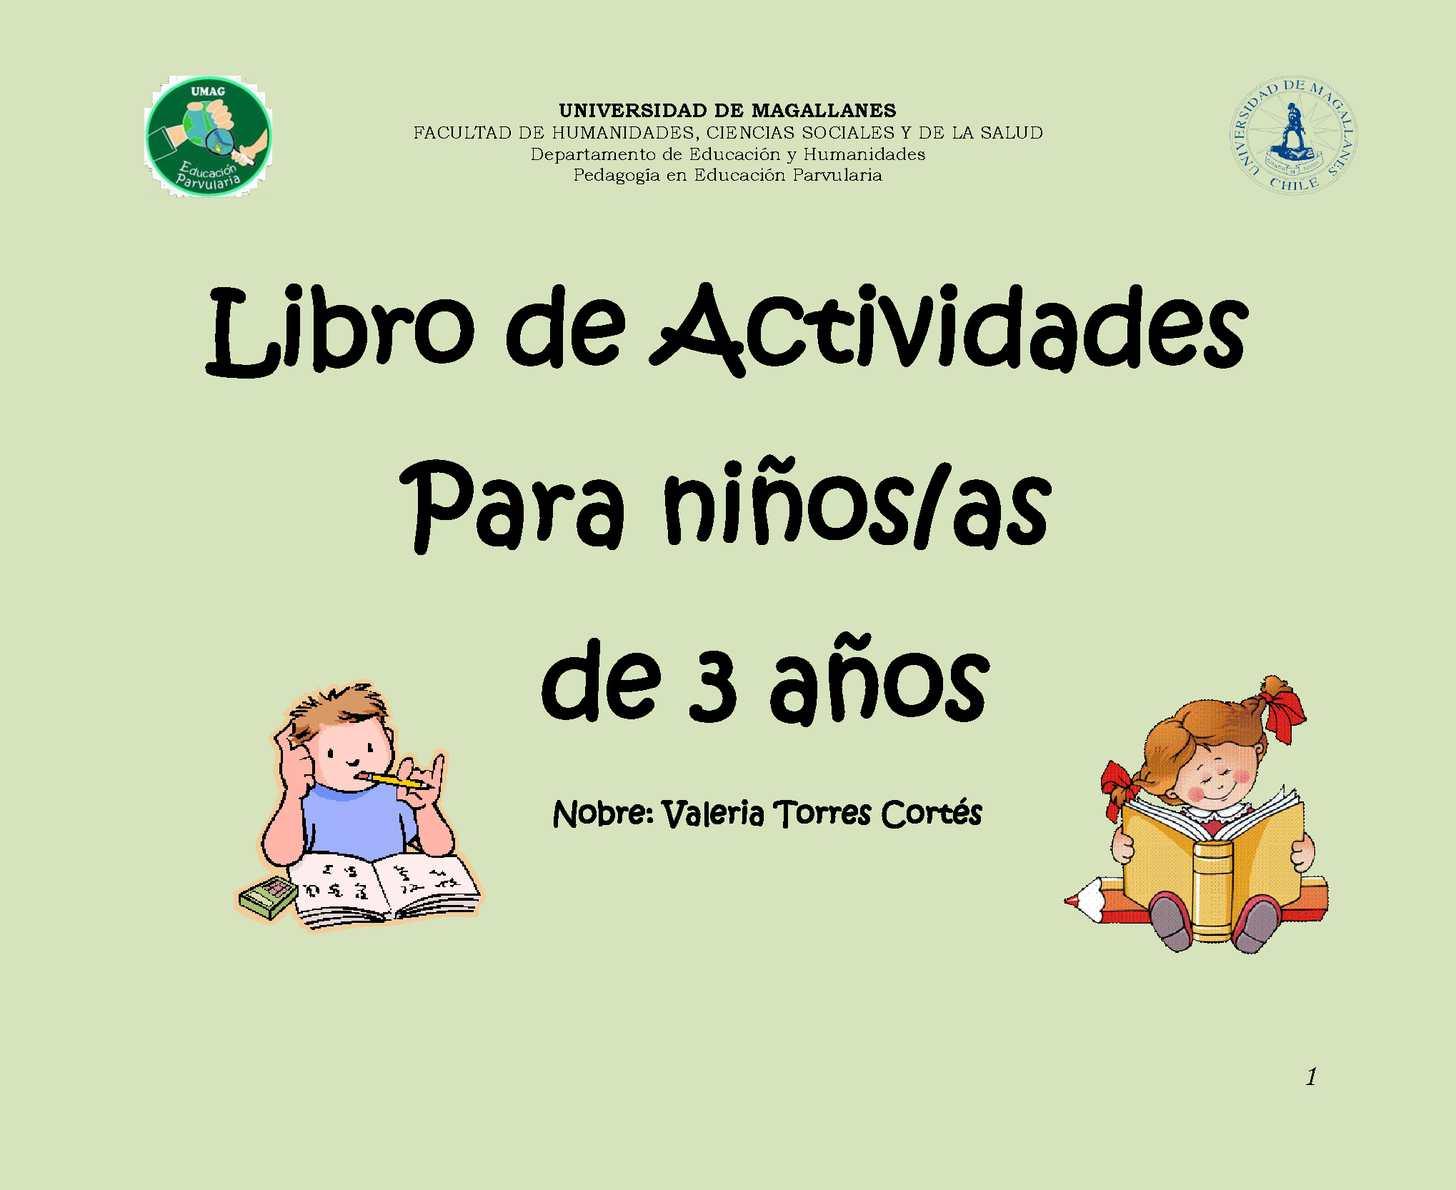 Libro De Actividades Para Niños/as De 3 Años